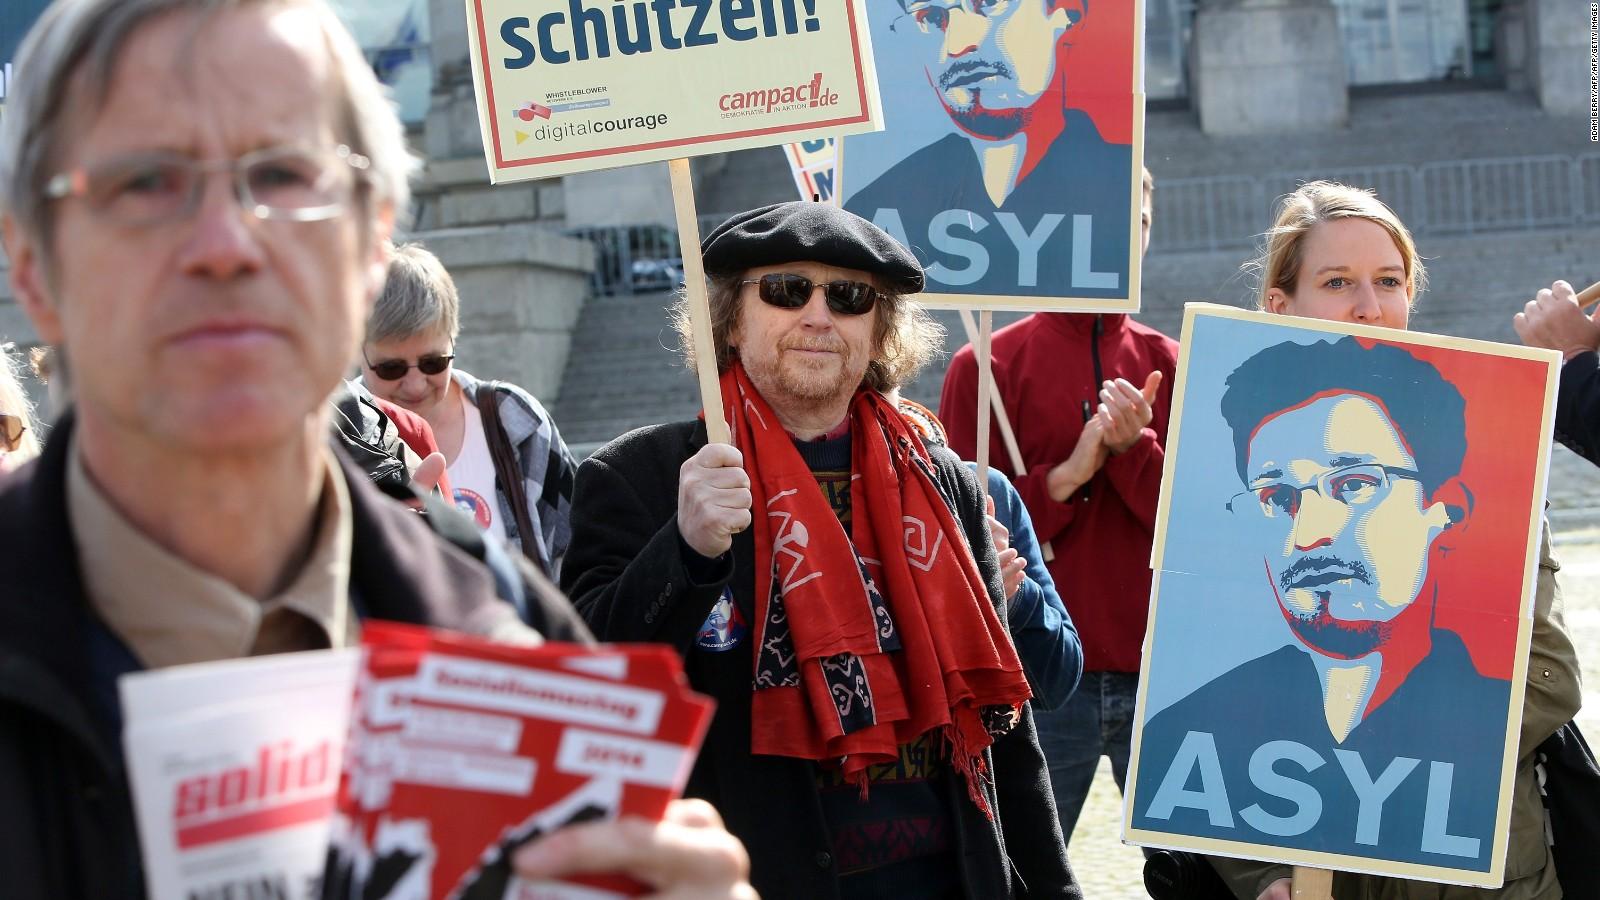 Manifestación de apoyo a Edward Snowden en Berlín, Alemania en 2014.